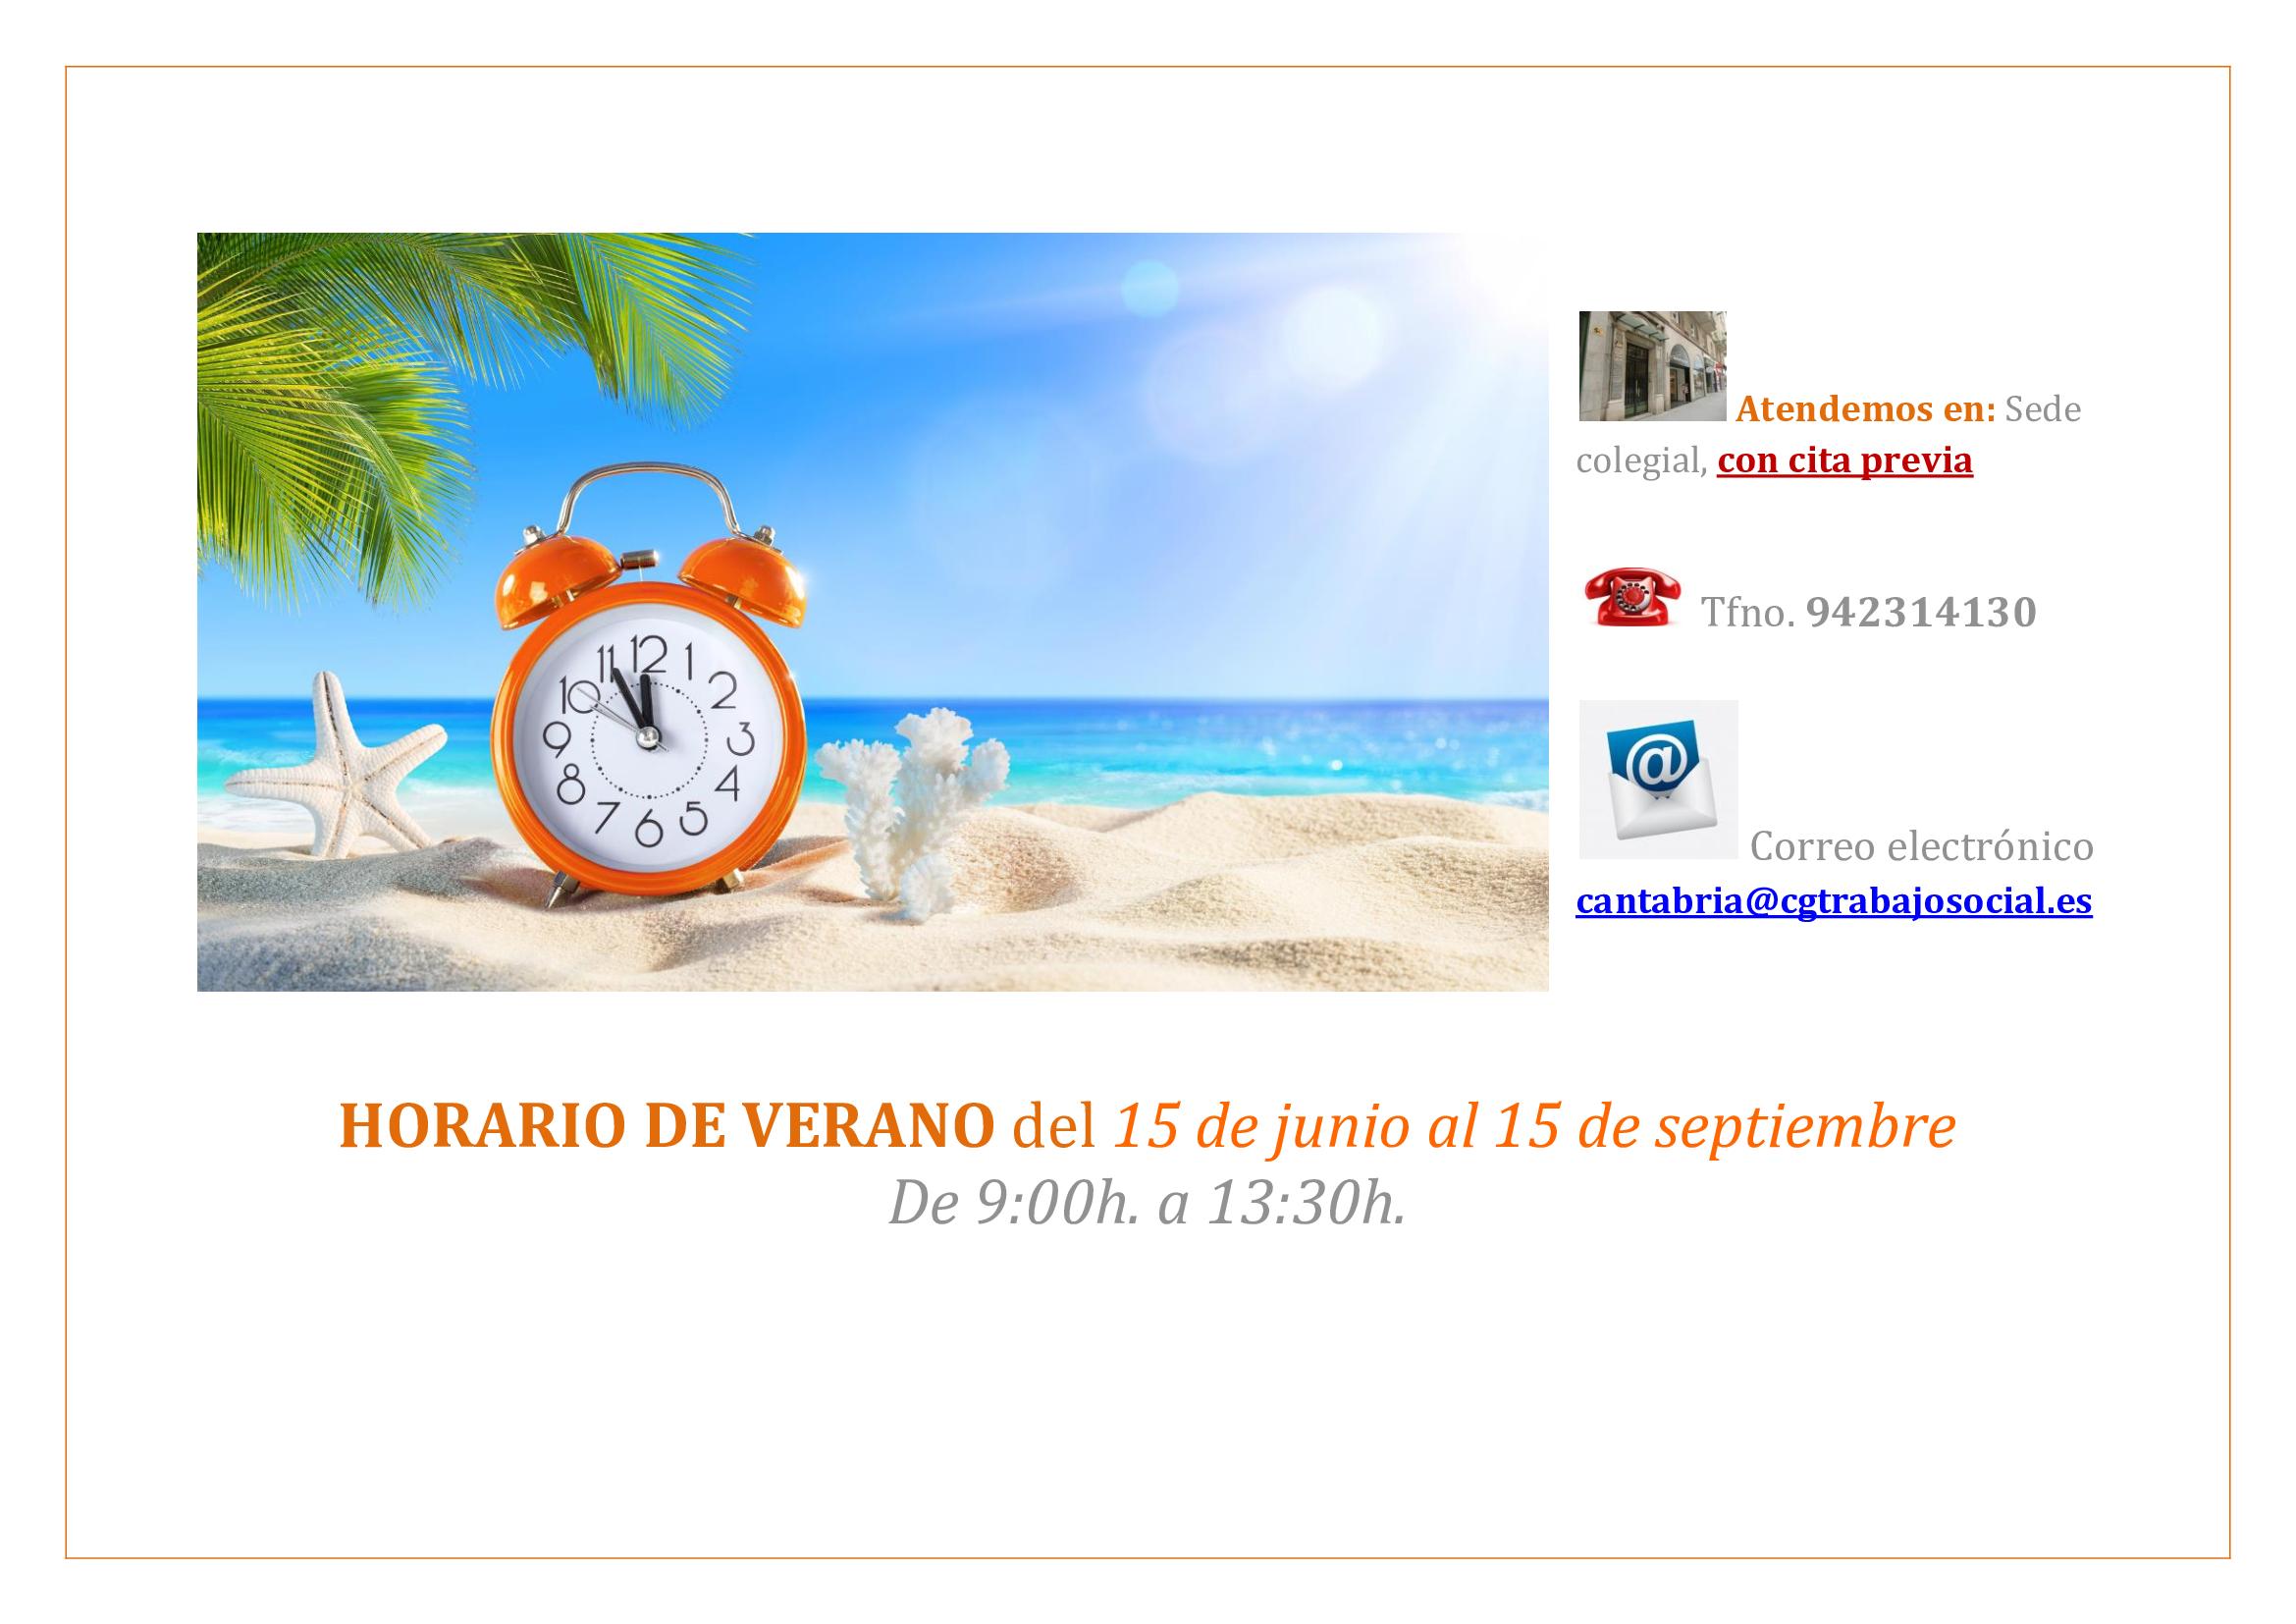 HORARIO-DE-VERANO2-_4_